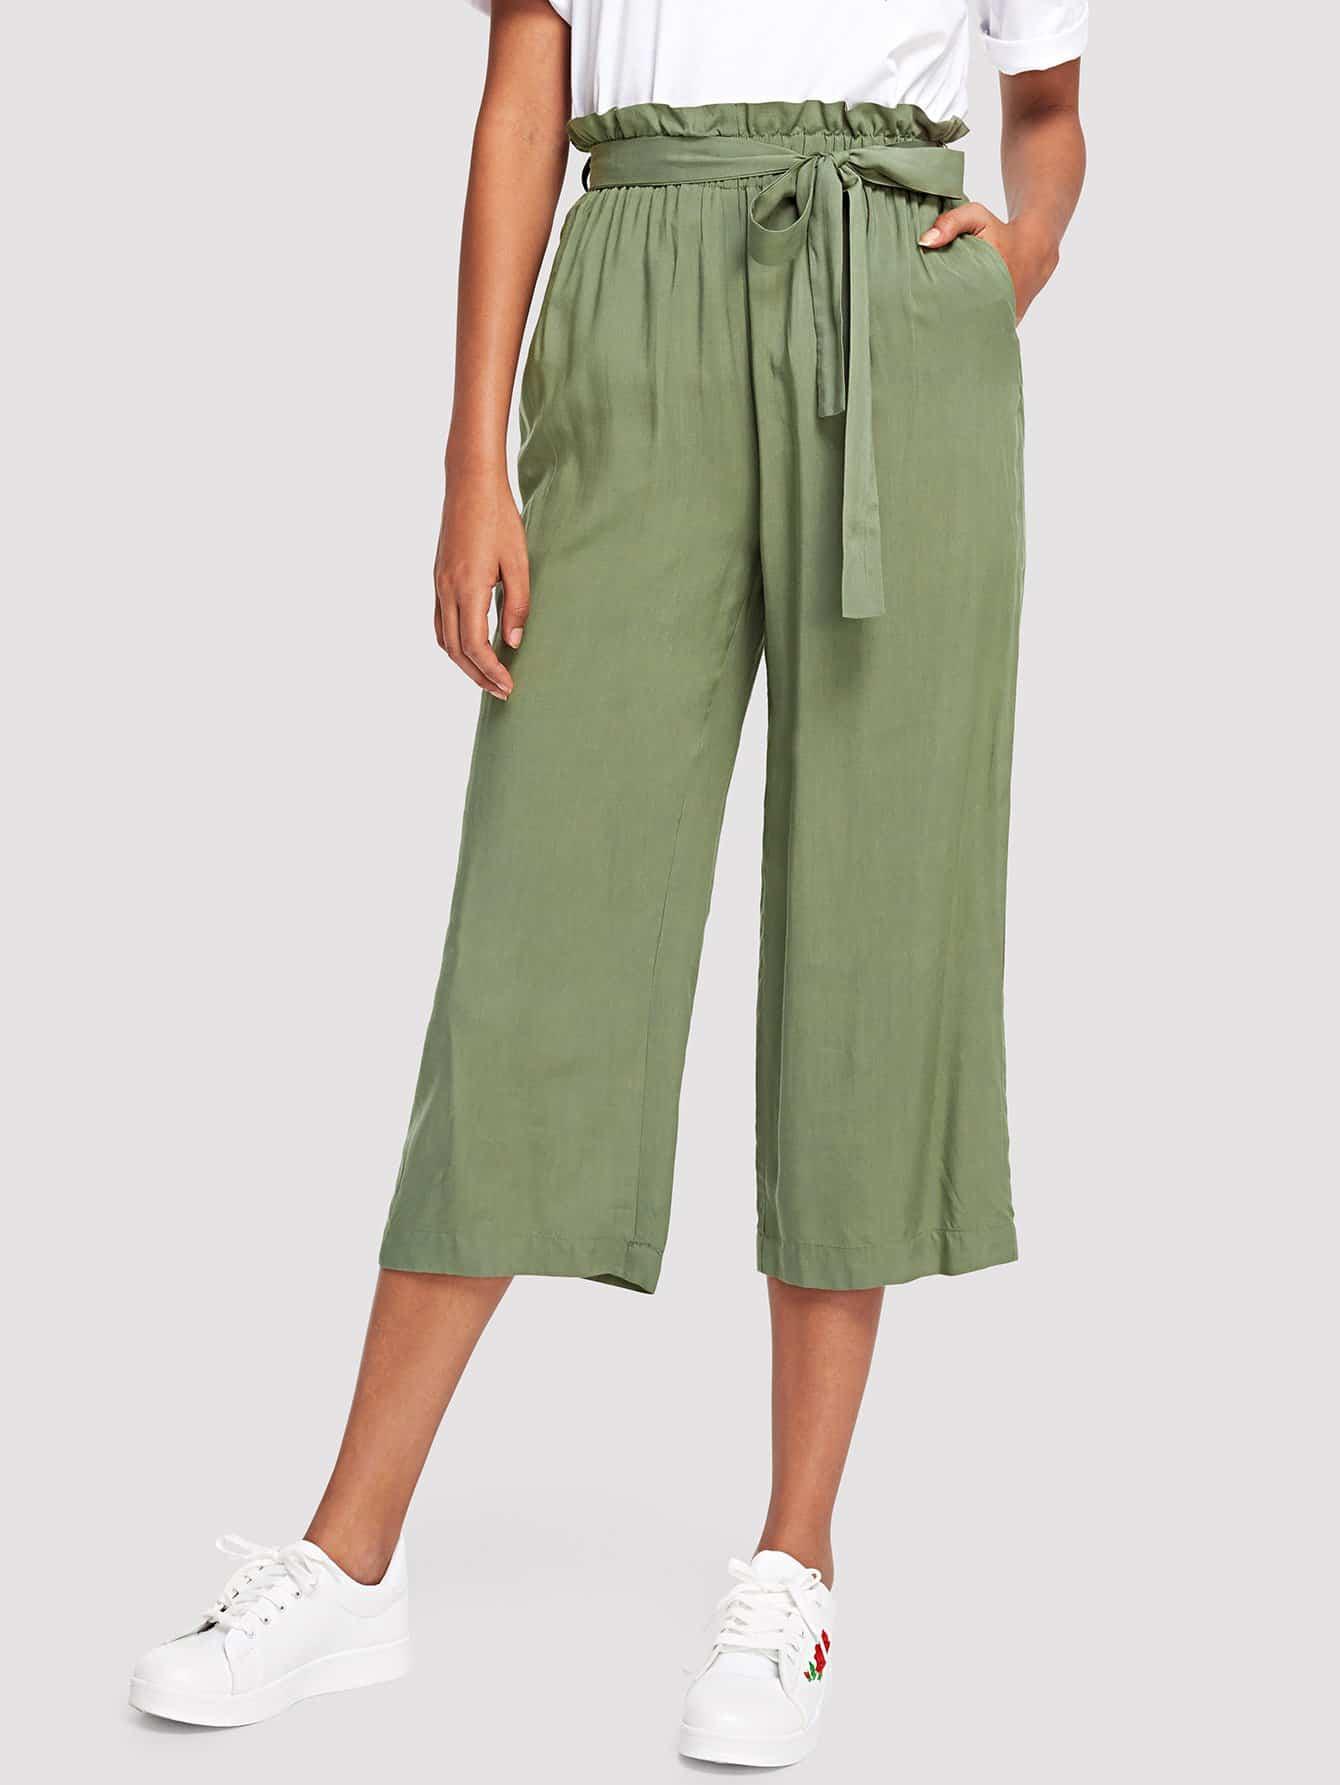 Belted Frilled Waist Palazzo Leg Pants self belted skirt palazzo pants